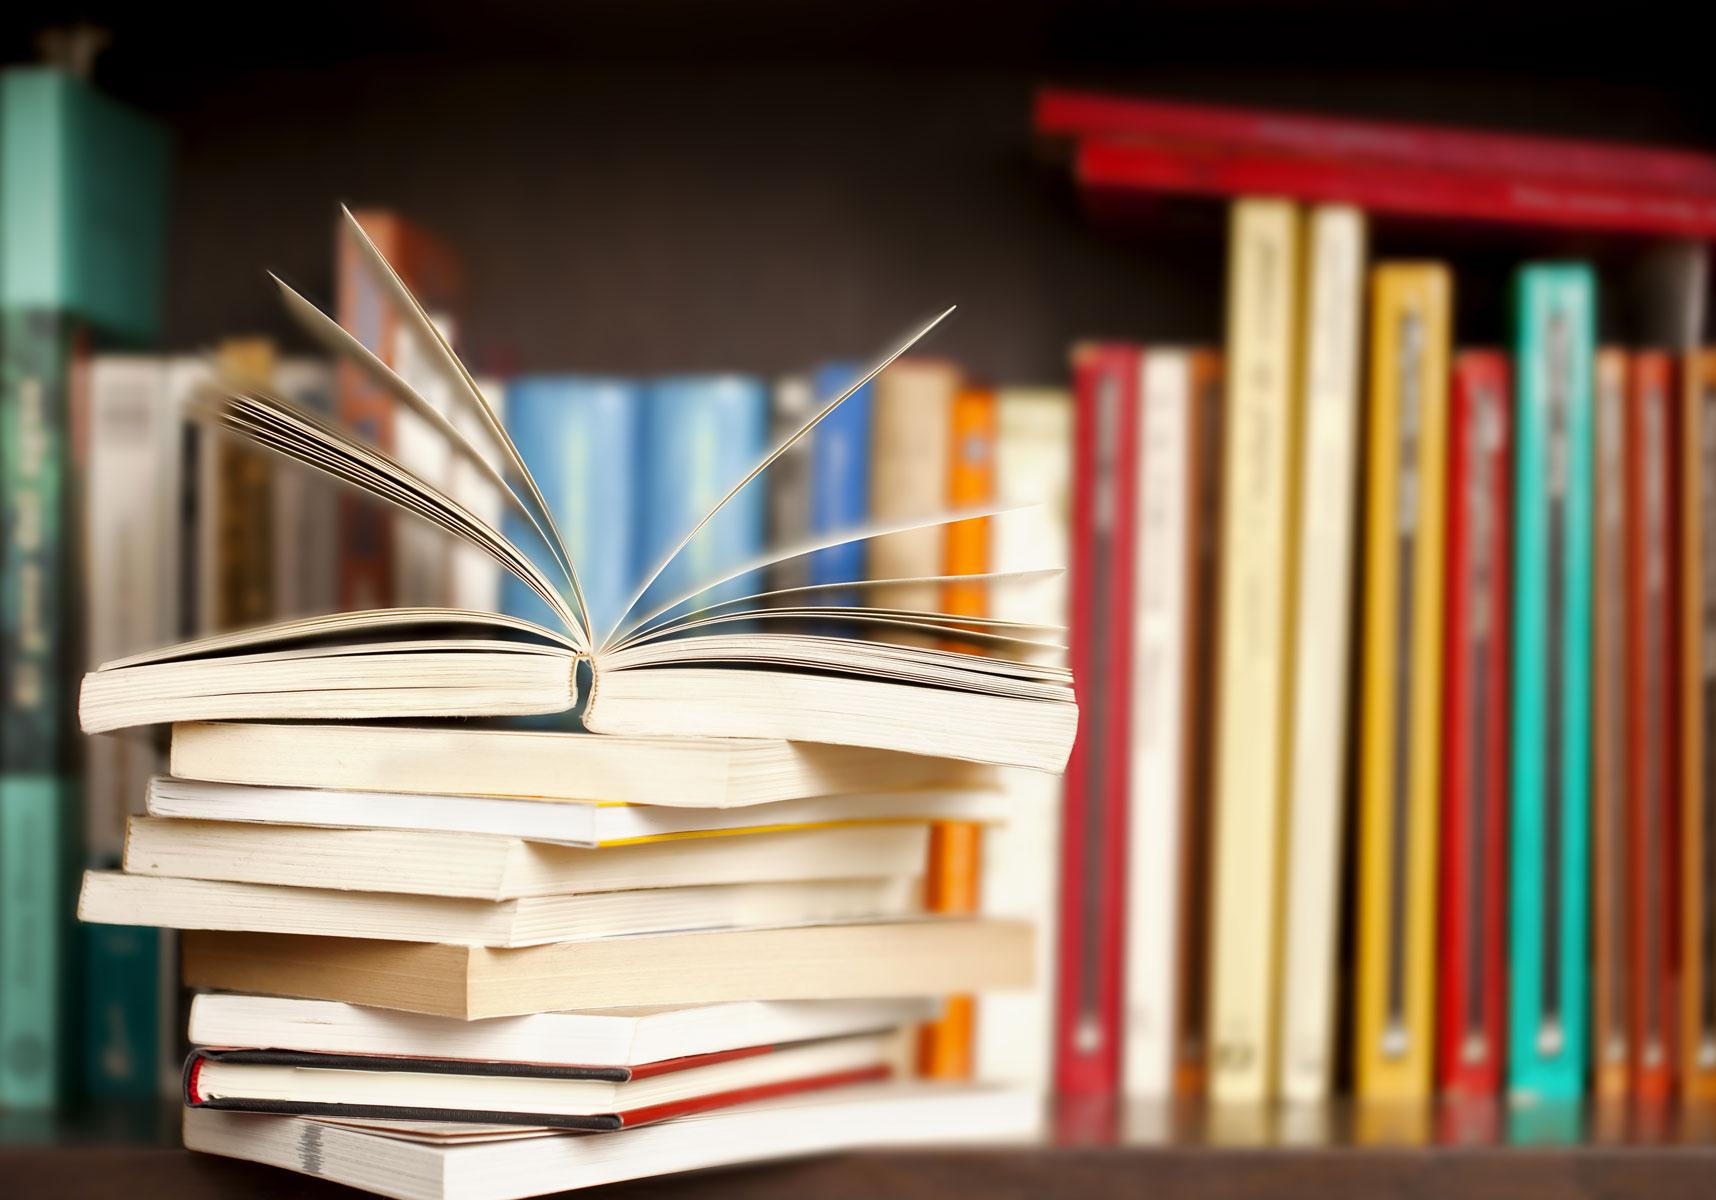 Livres : quels titres ont été les plus achetés par les Français confinés ?  - Elle